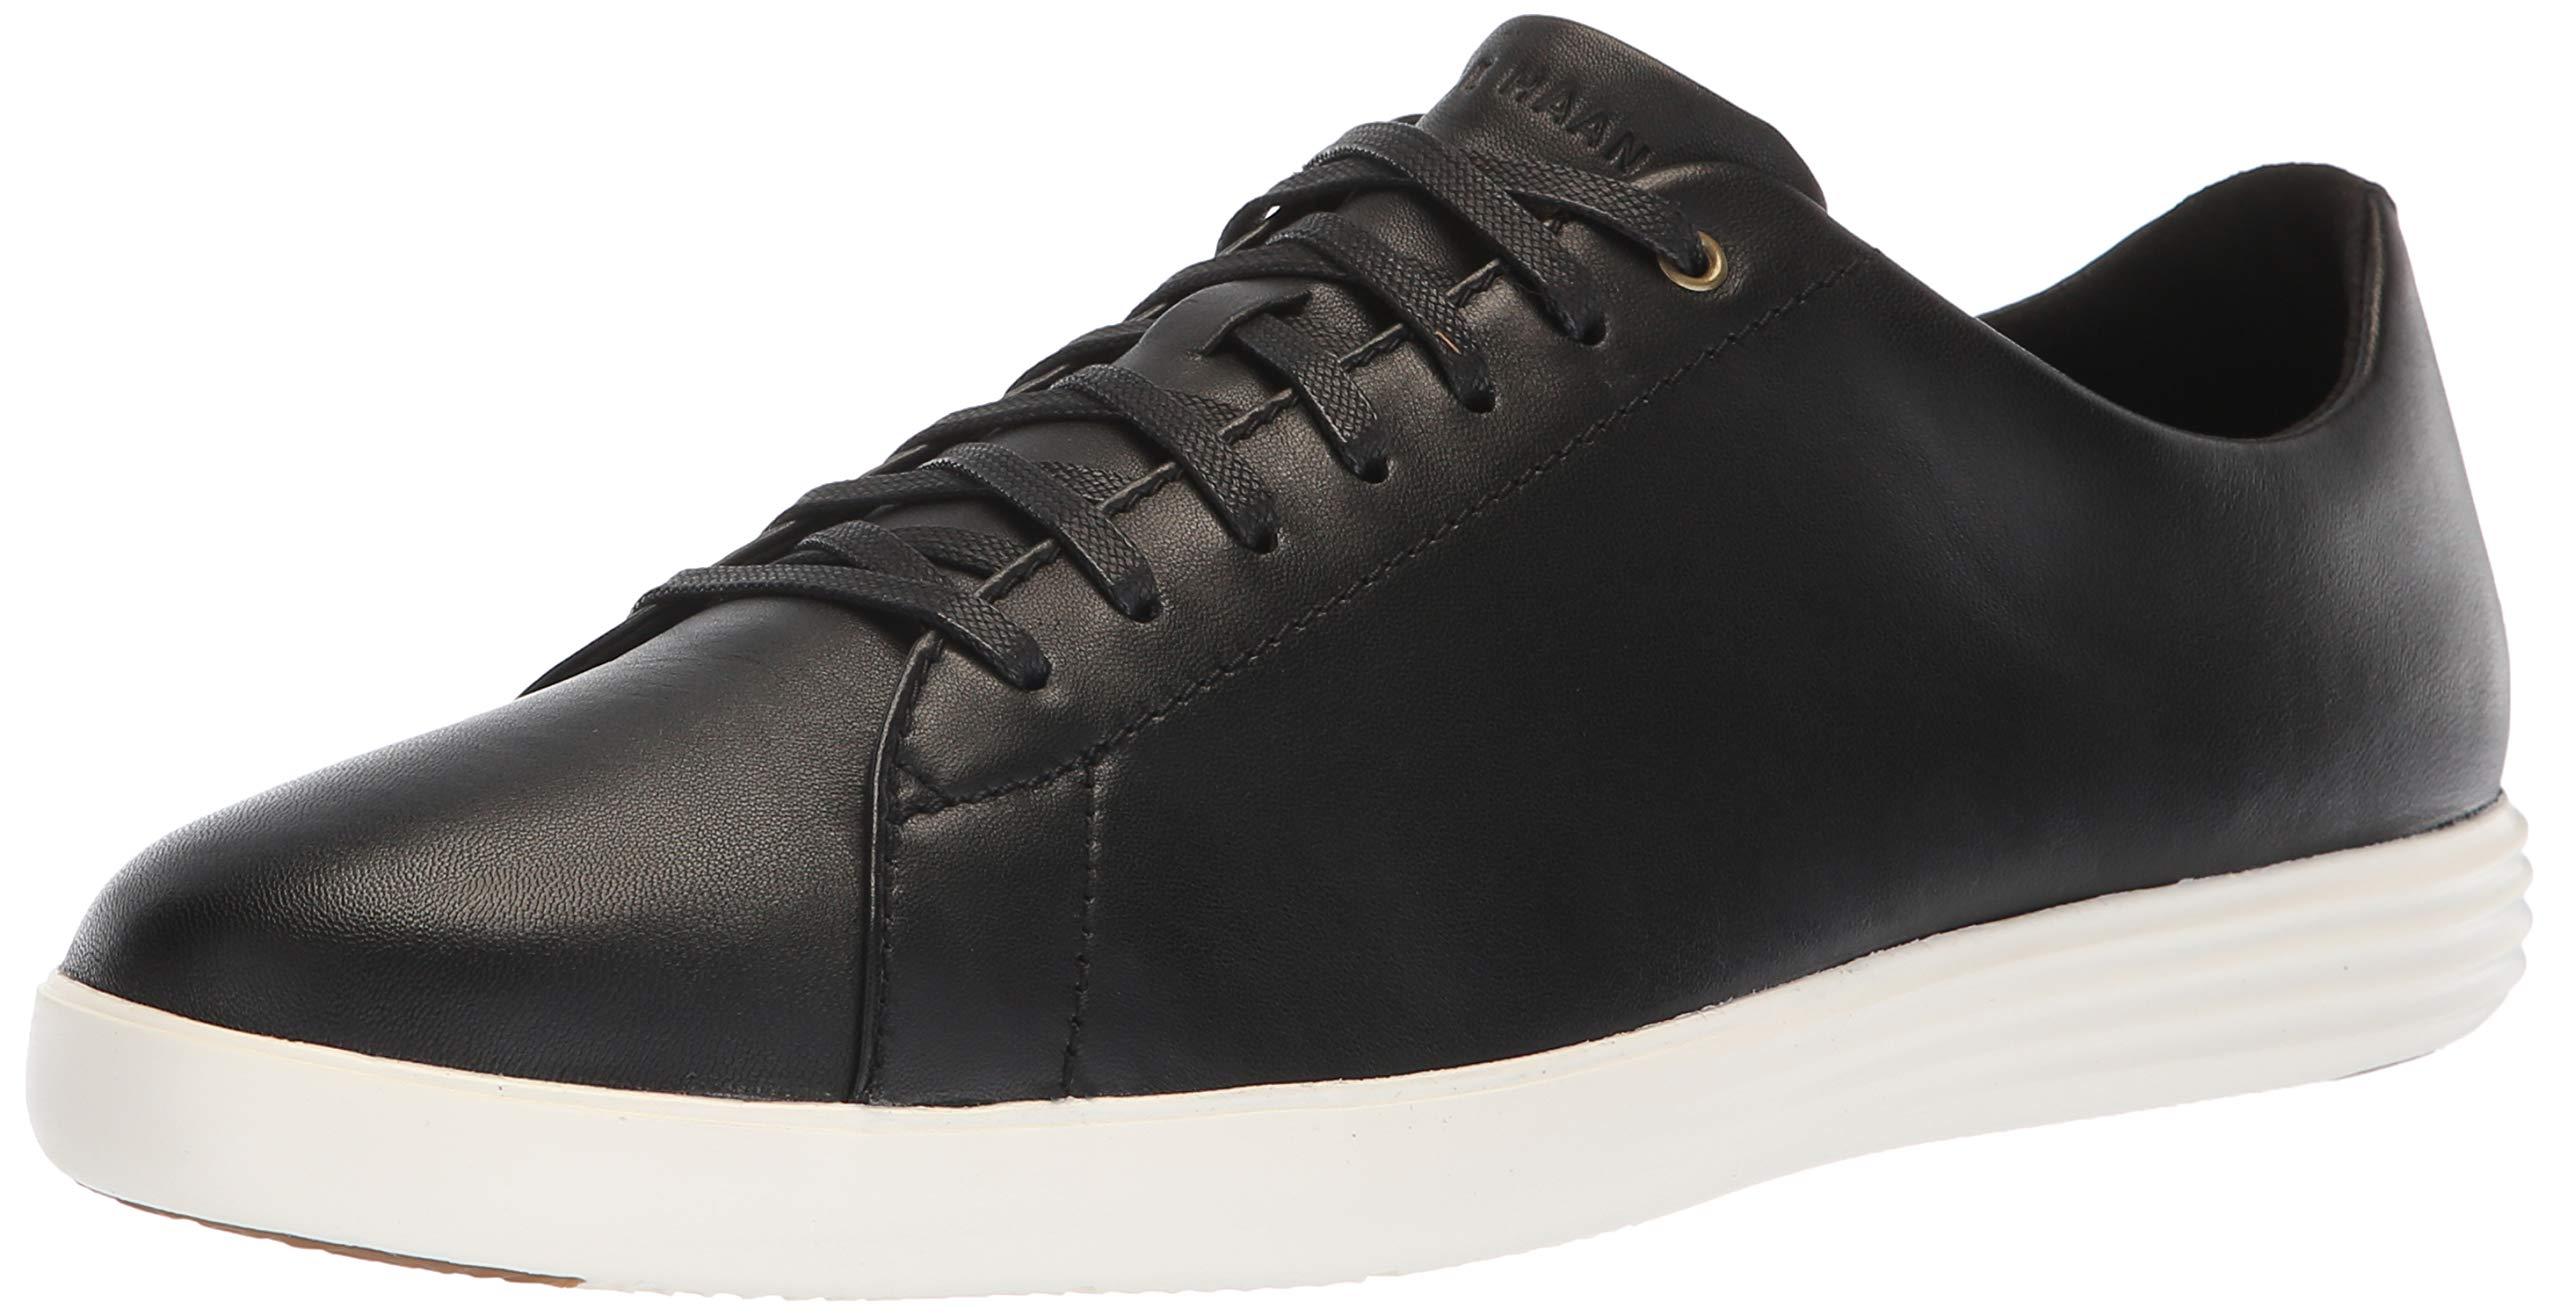 Cole Haan Grand Crosscourt Ii Shoe, Black, 11 M US